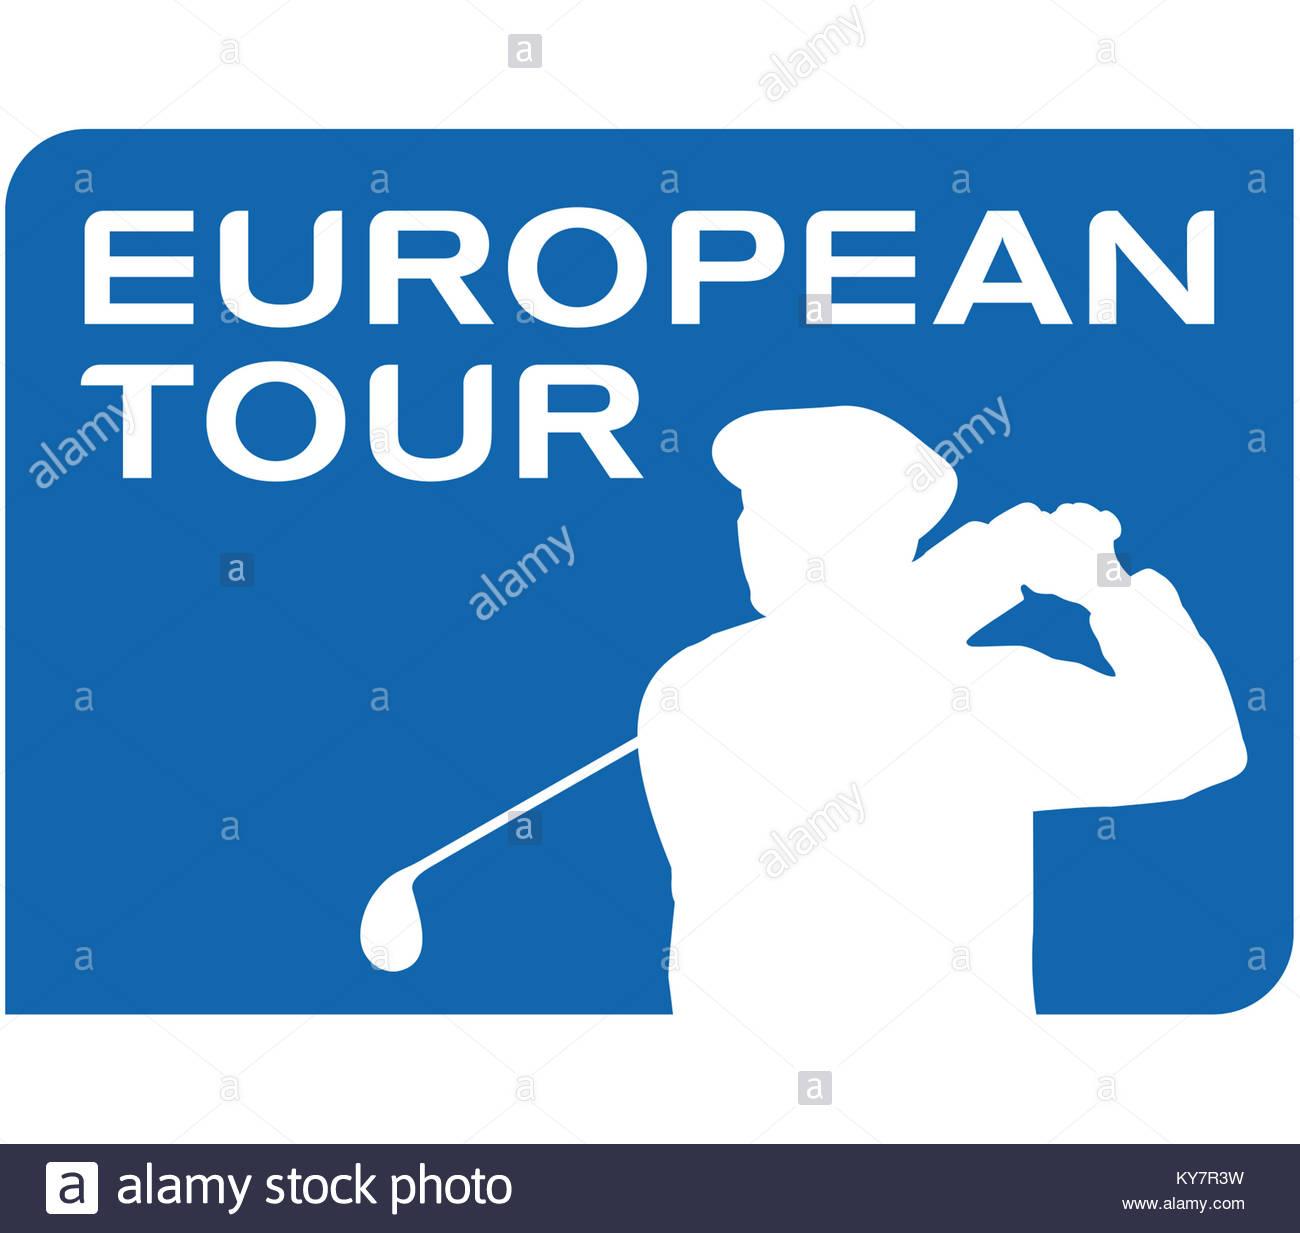 PGA European Tour Golf logo icon - Stock Image